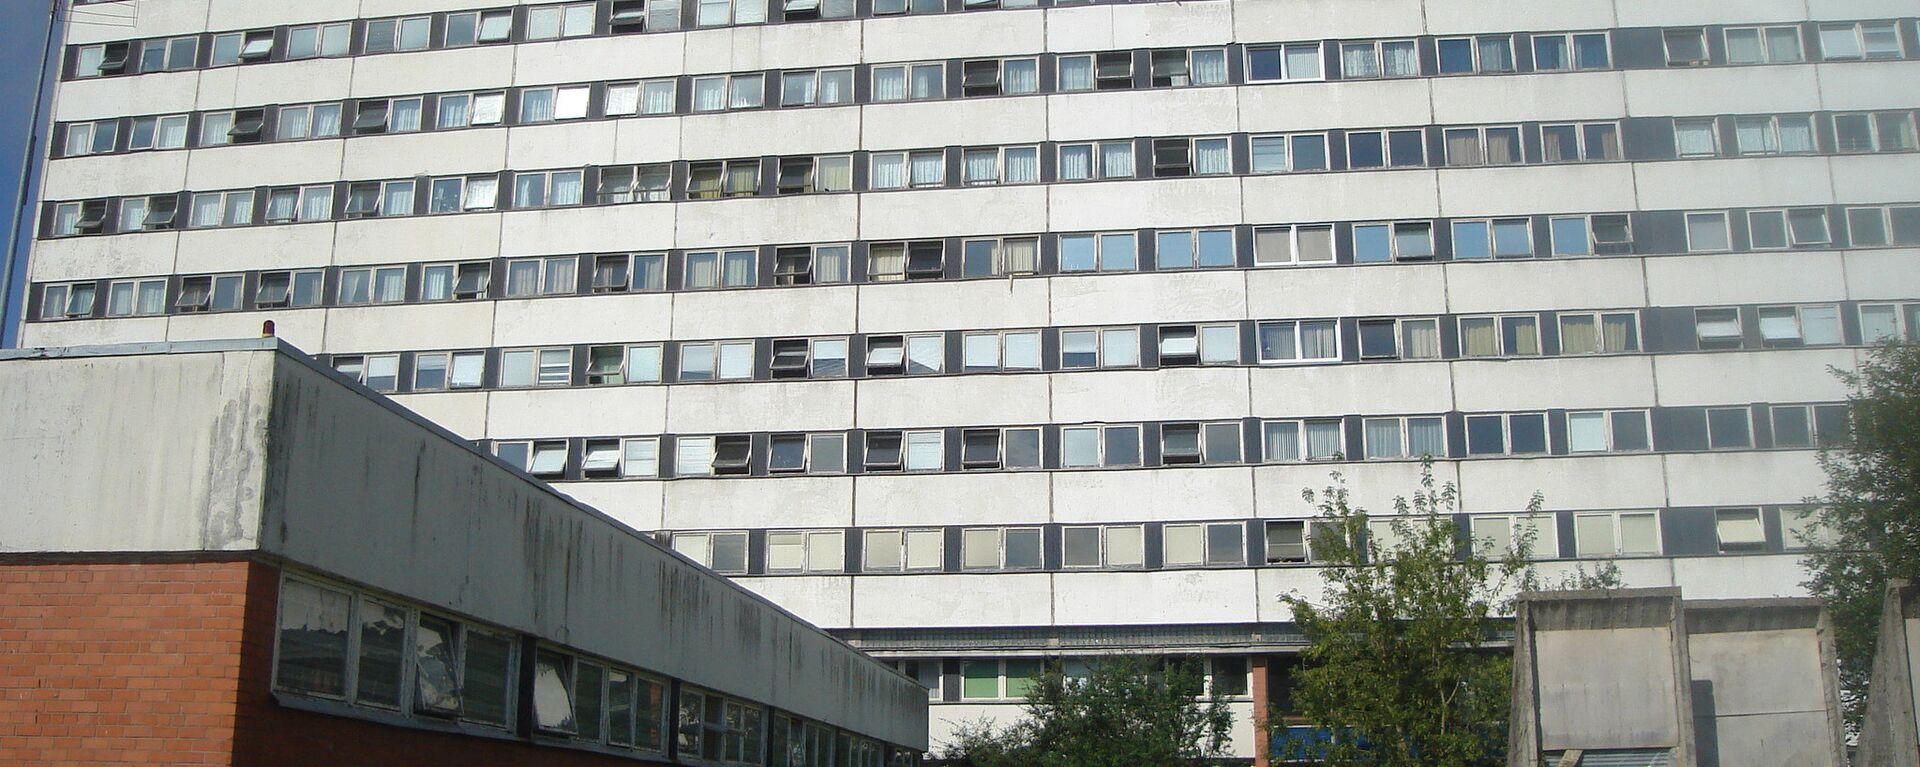 Рижская Восточная клиническая университетская больница - Sputnik Латвия, 1920, 06.09.2021